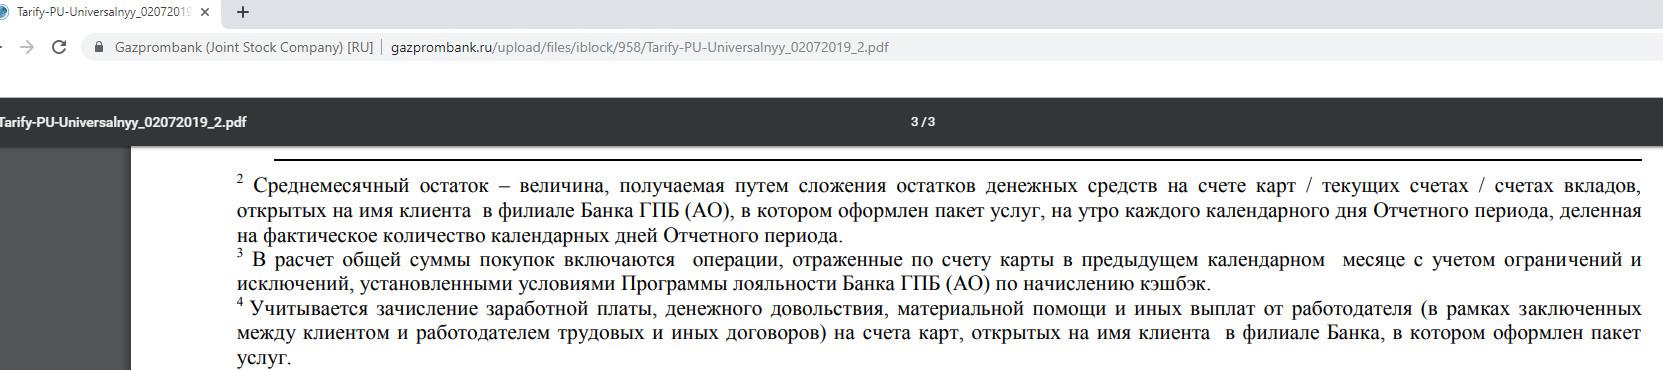 Условия бесплатного обслуживания Умной карты Газпромбанка